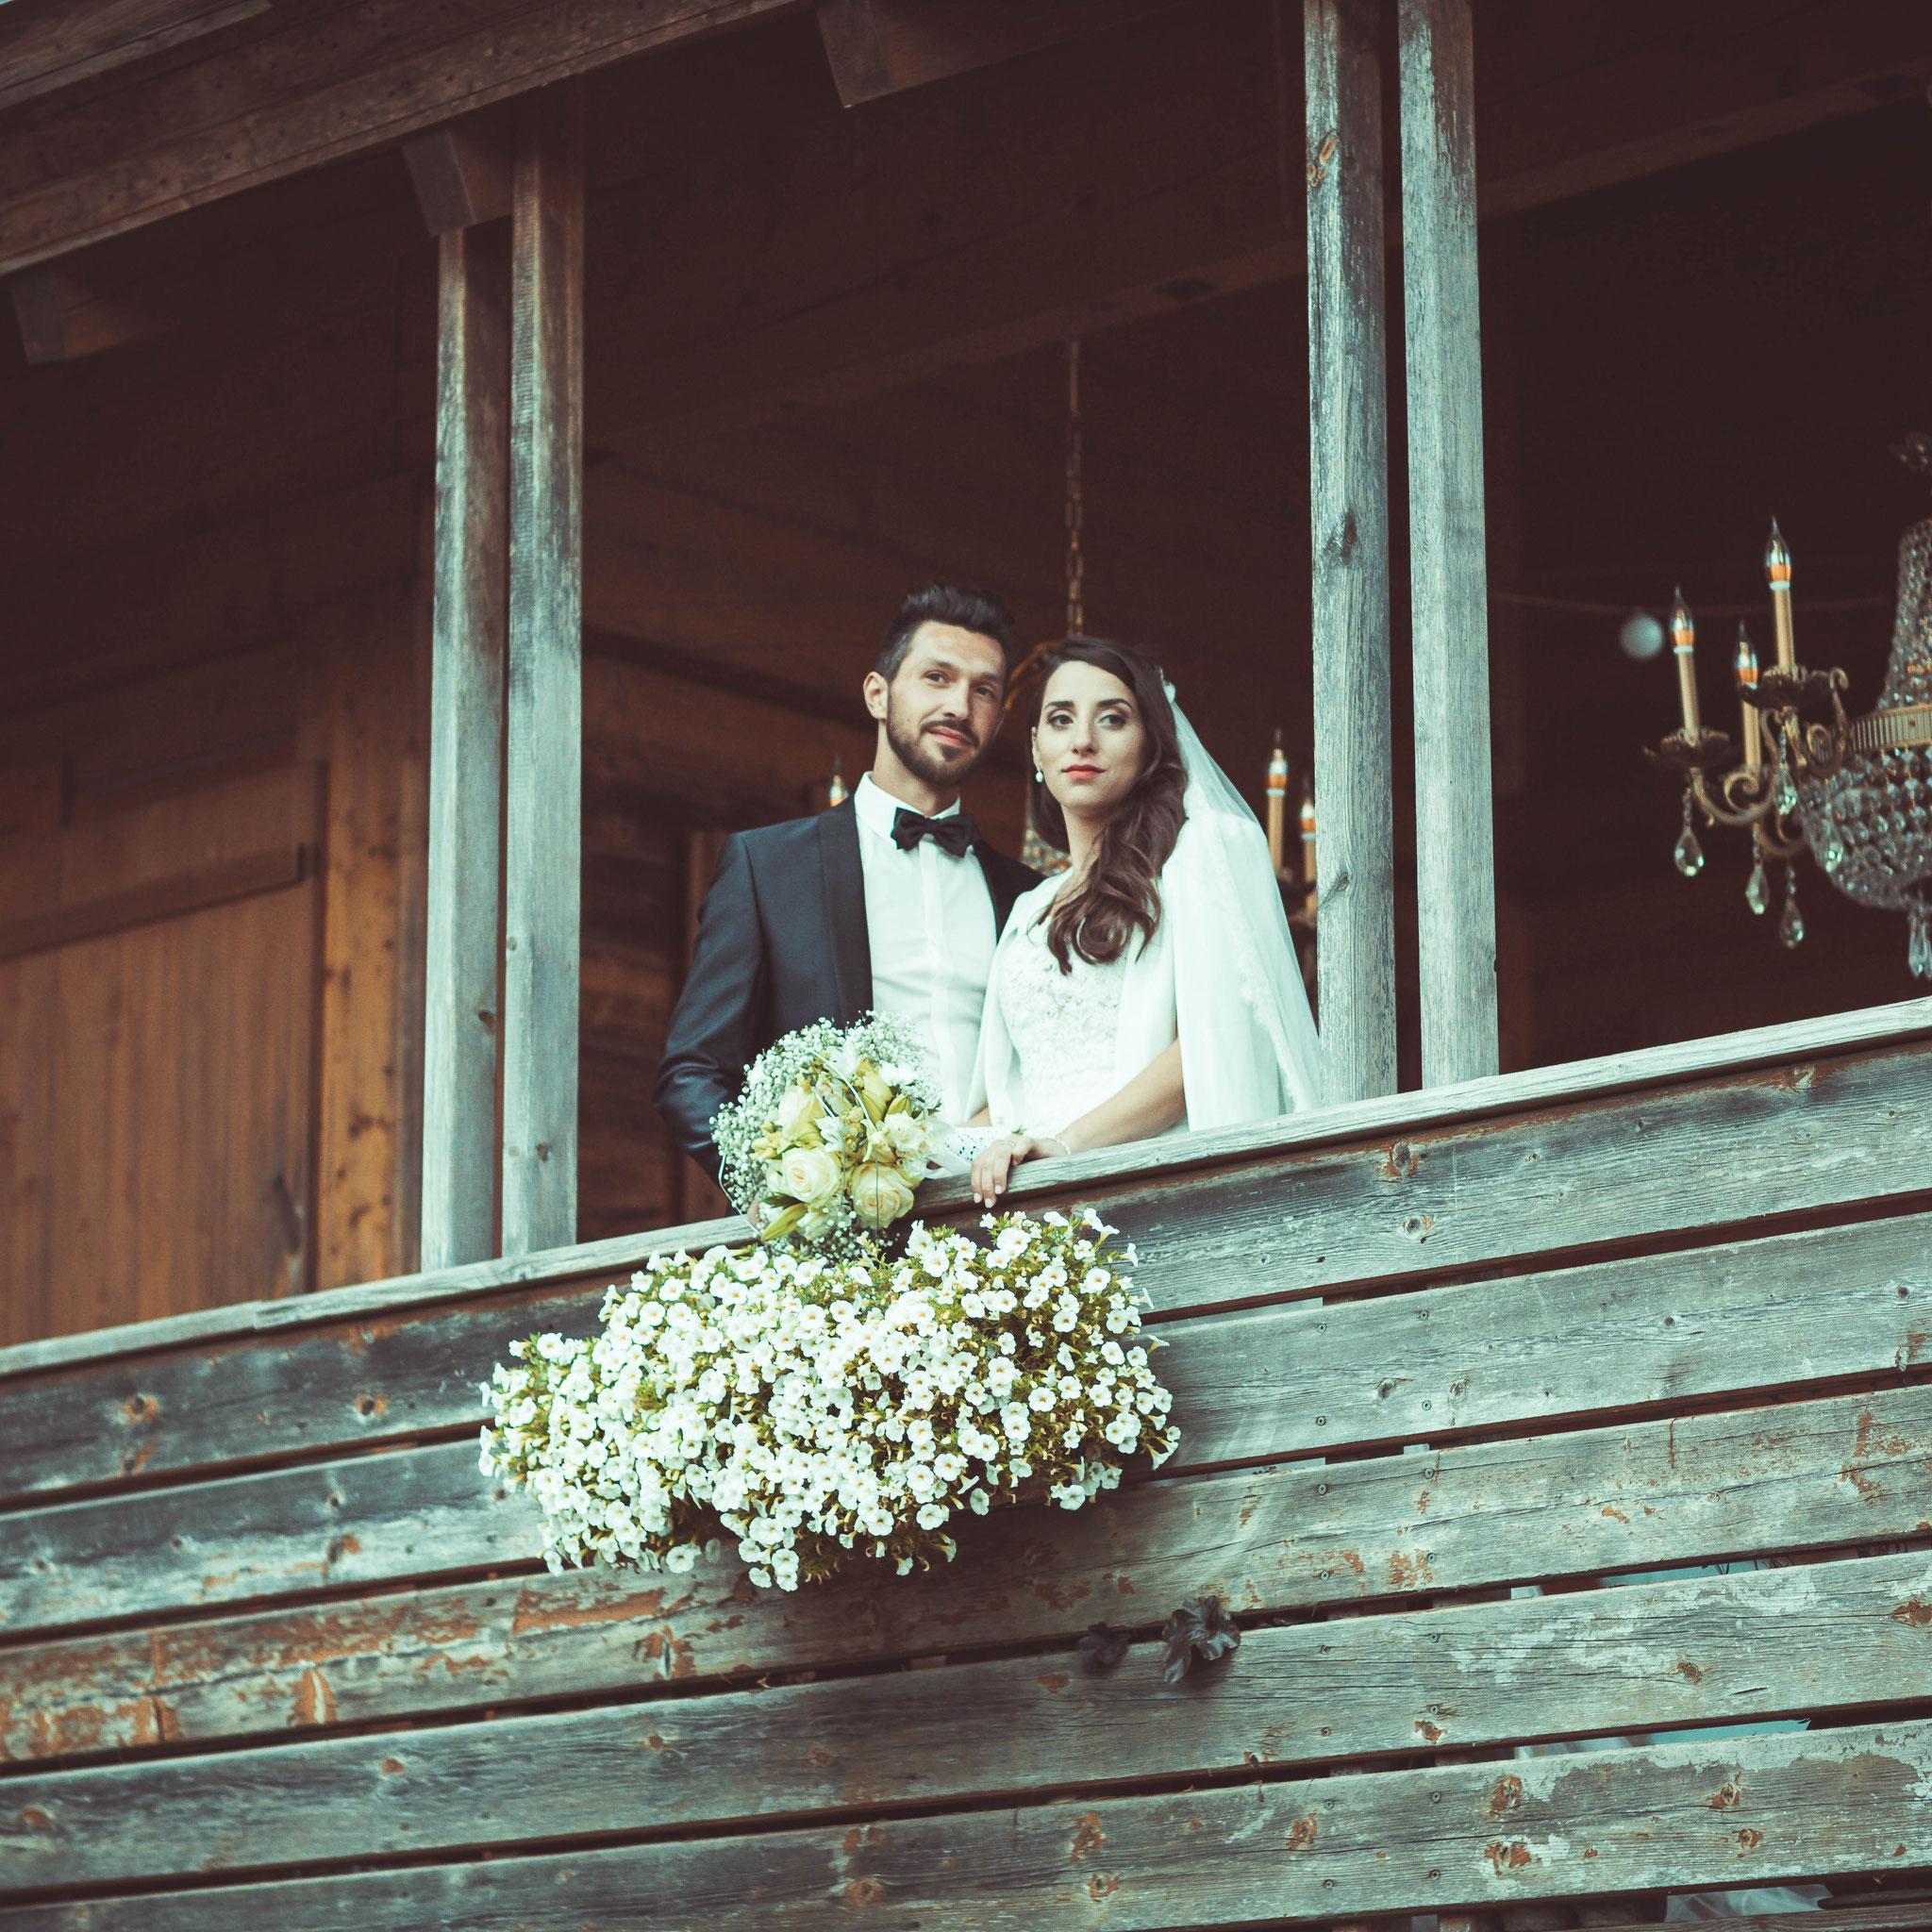 Kameramann für moderne russische Hochzeit in Bad Kreuznach